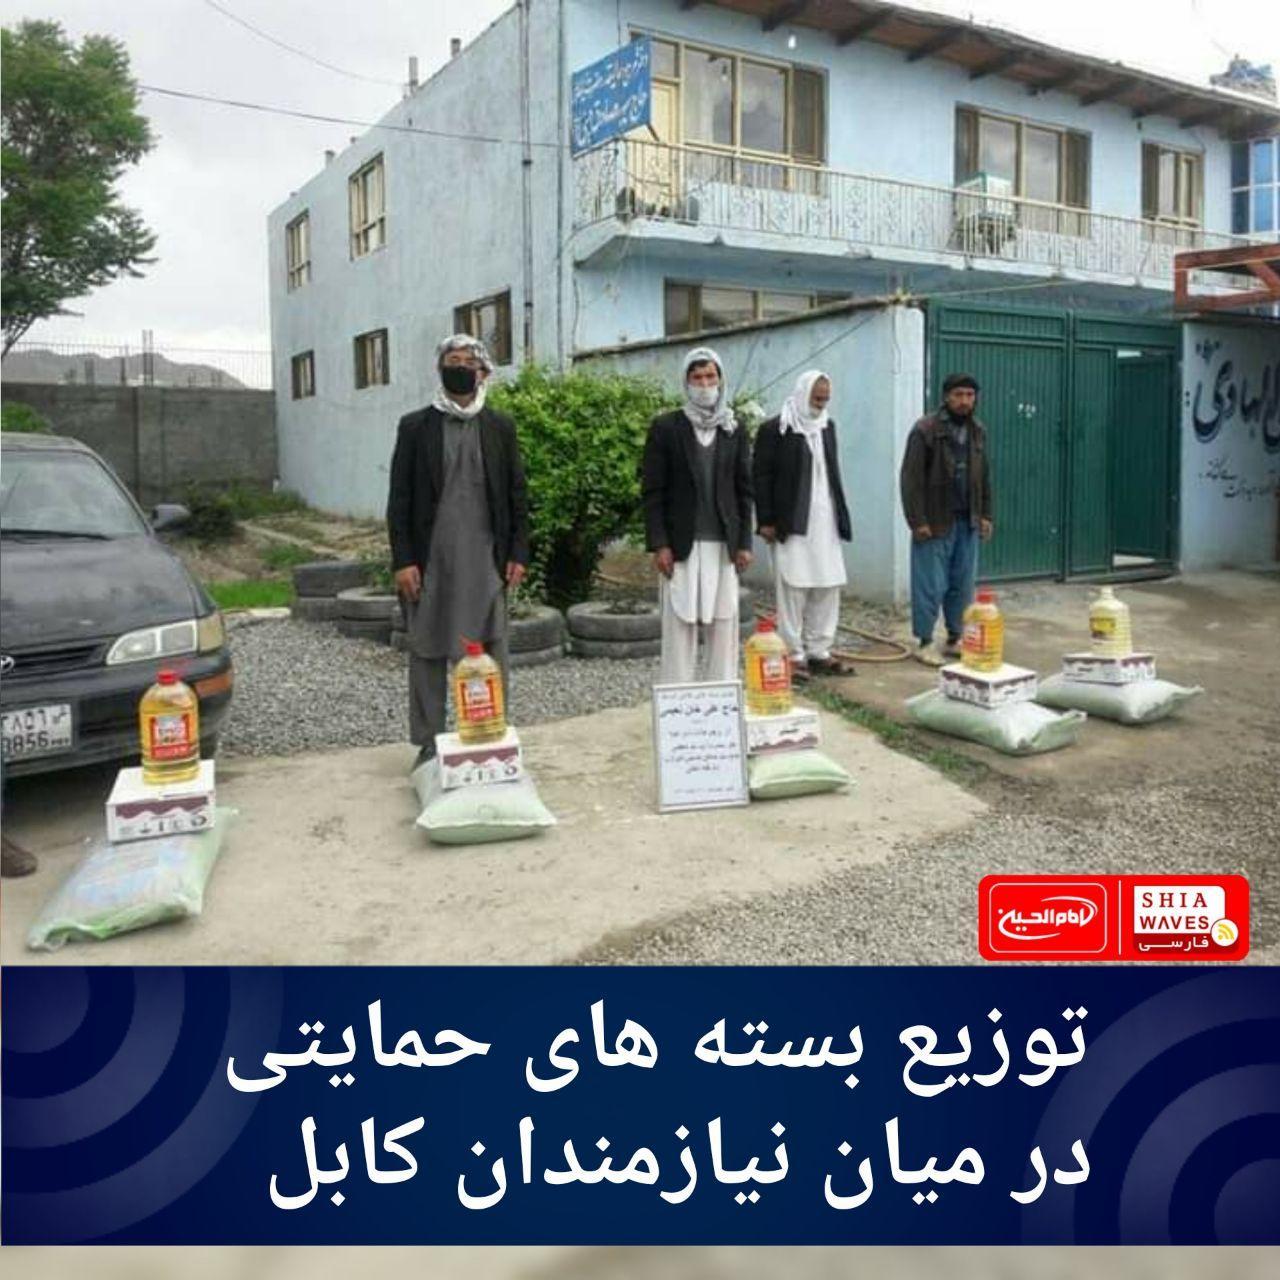 تصویر توزیع بسته های حمایتی در میان نیازمندان کابل